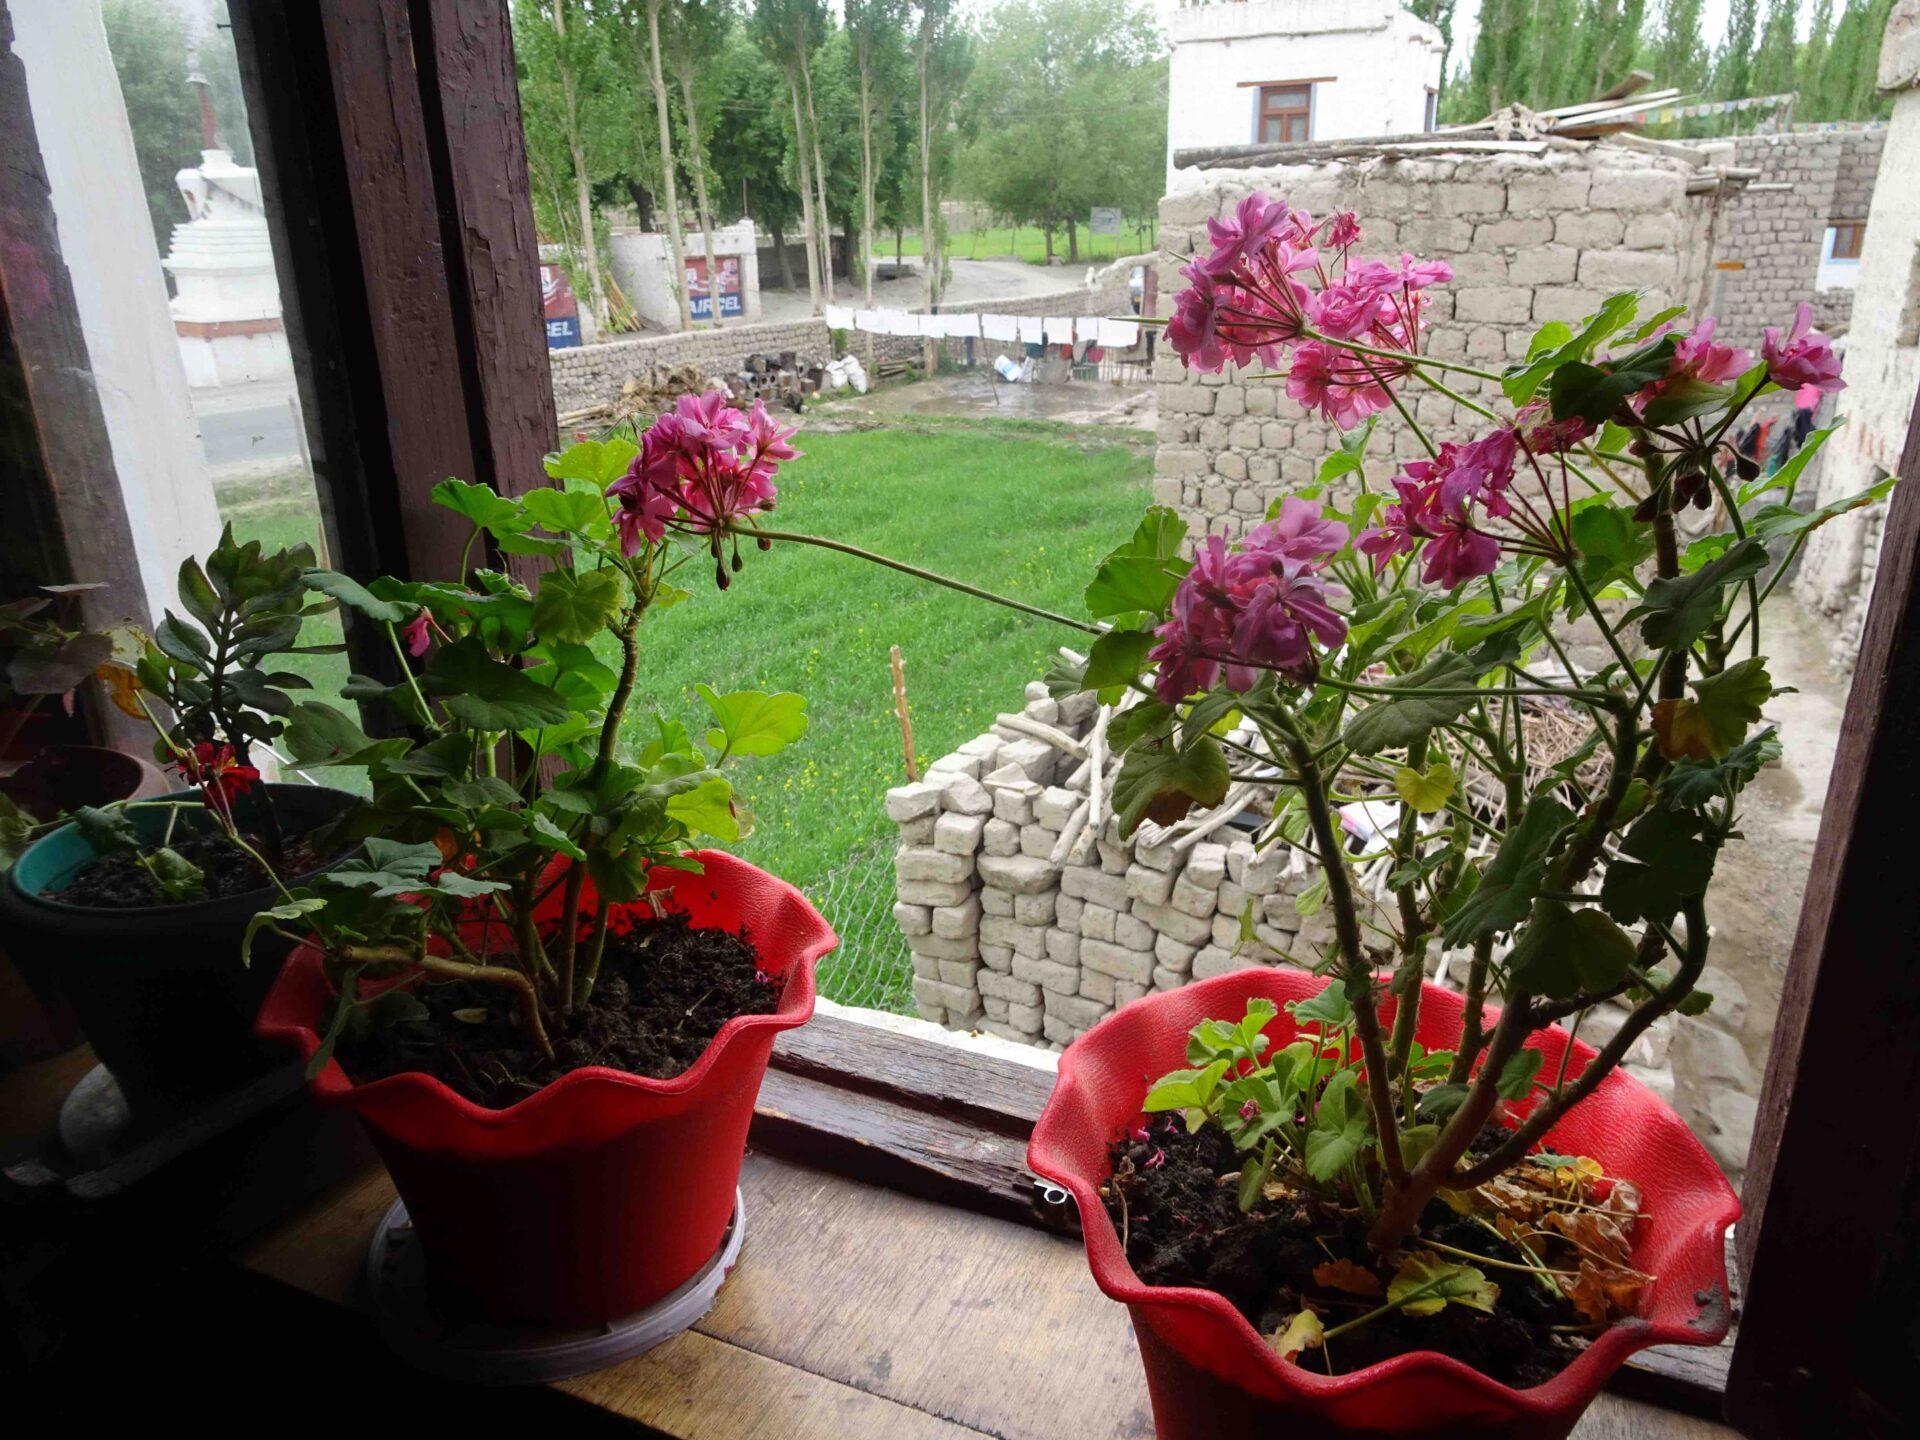 拉達克 Thiksey 村的家人,如同油菜花田一般美麗溫暖的緣分